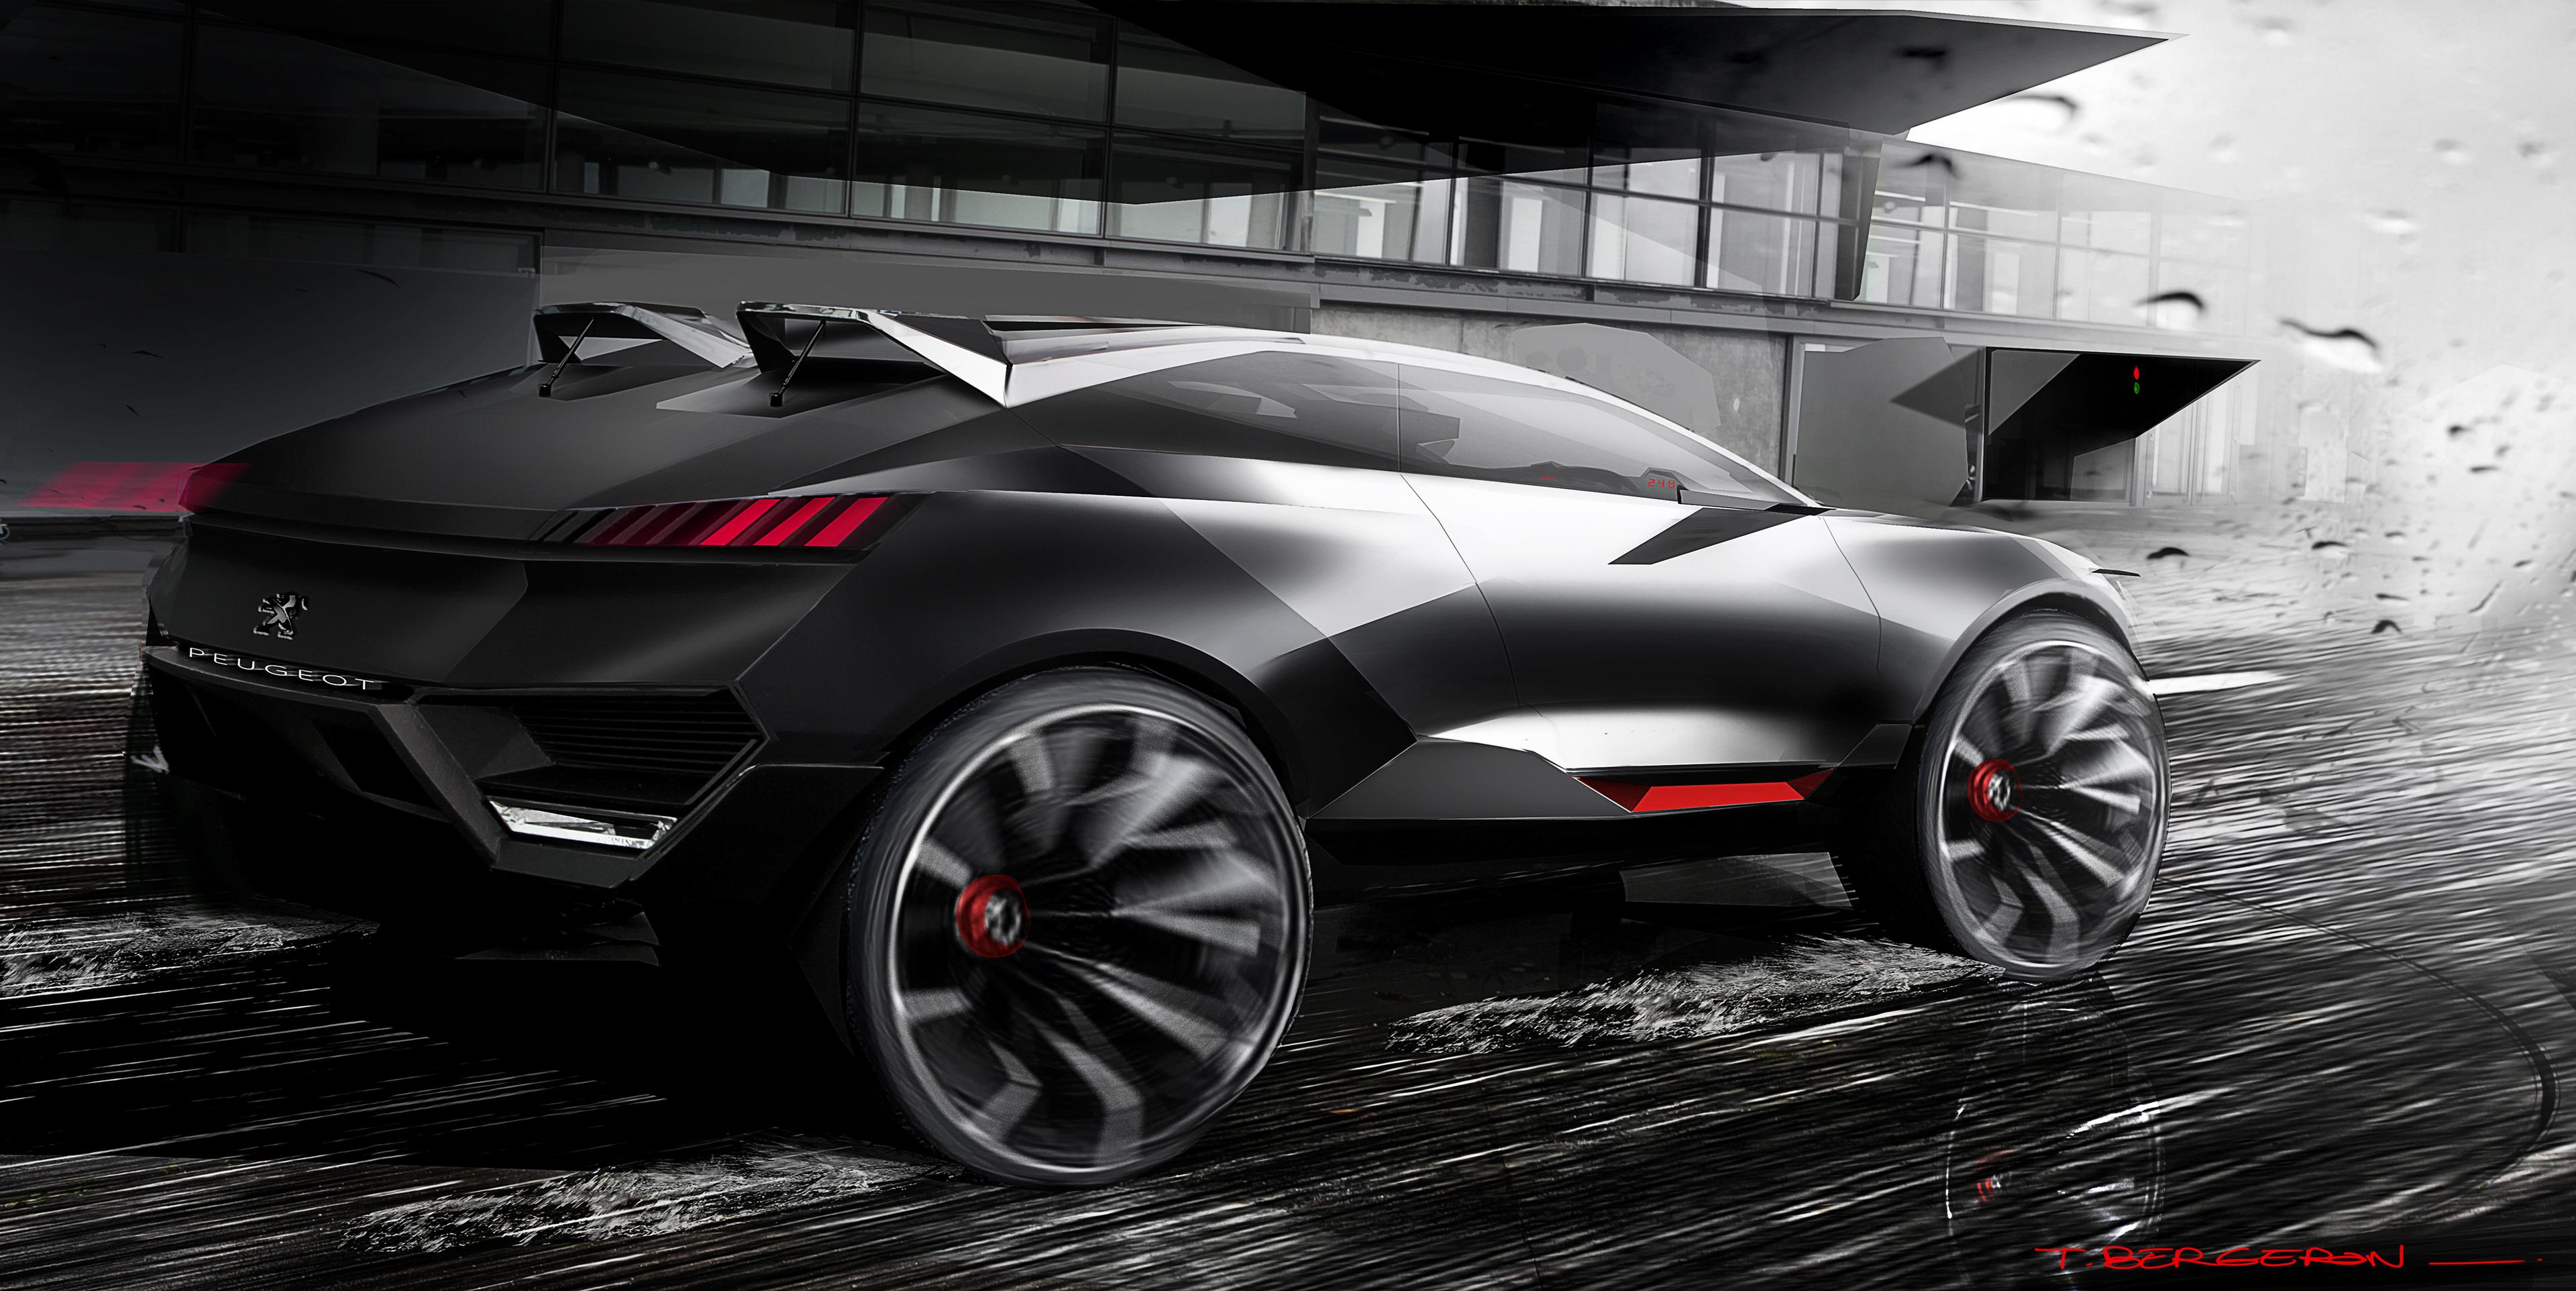 спортивный автомобиль peugeot concept sports car  № 959051 загрузить